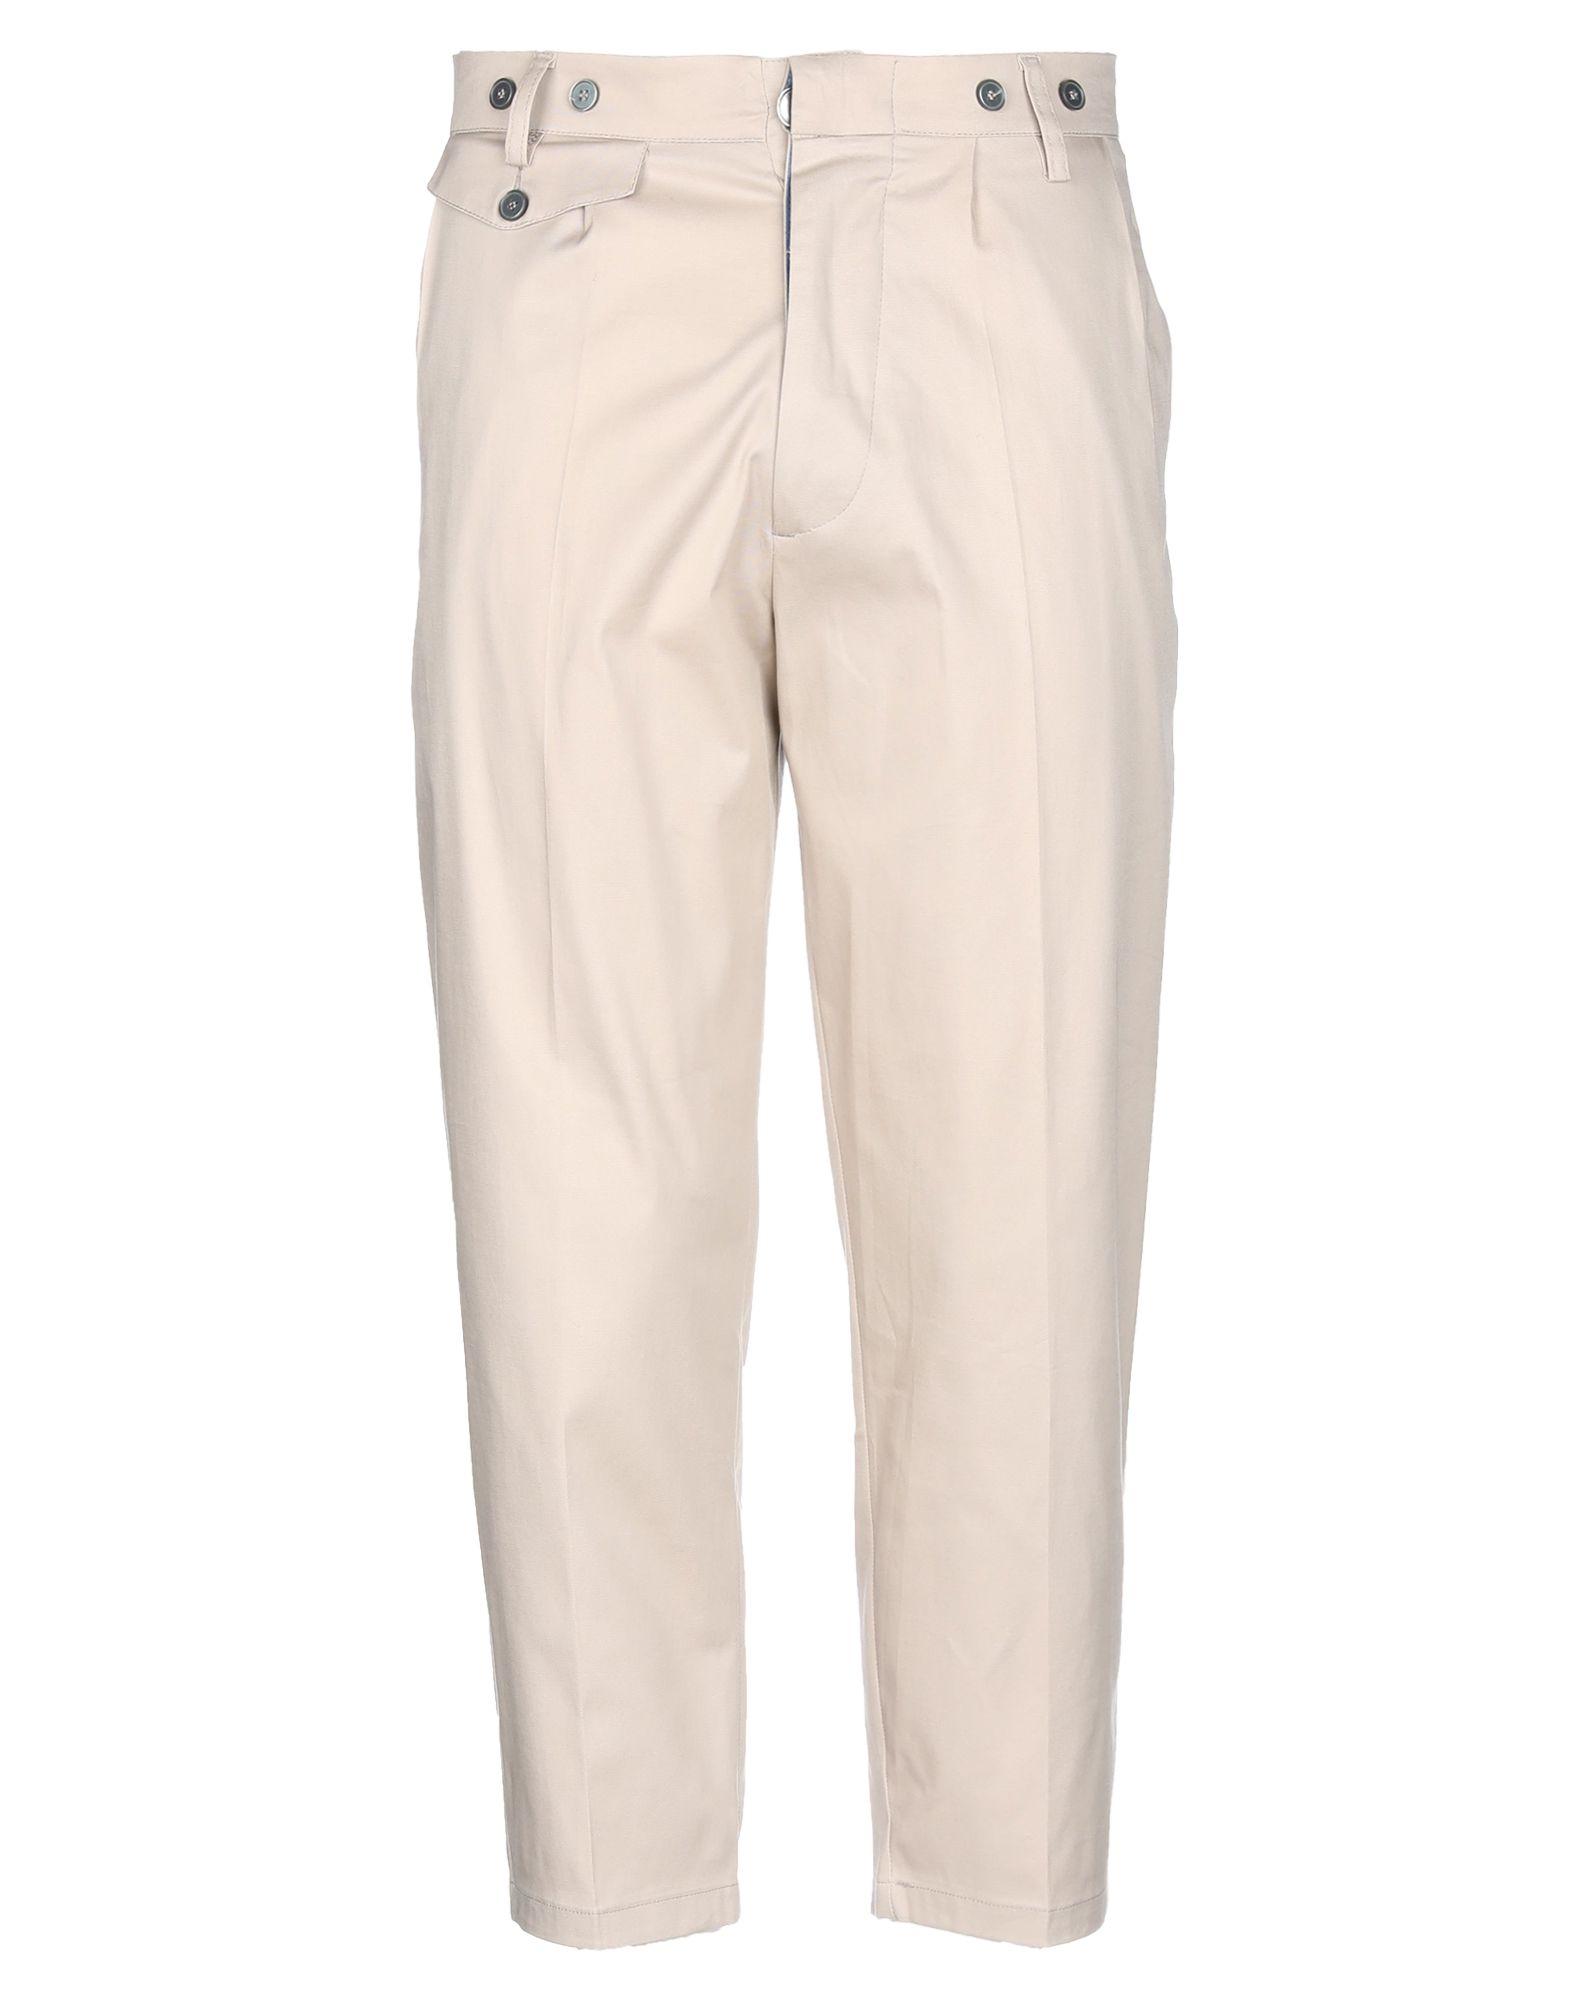 《期間限定セール開催中!》JOHN SHEEP メンズ パンツ ベージュ 50 コットン 98% / ポリウレタン 2%